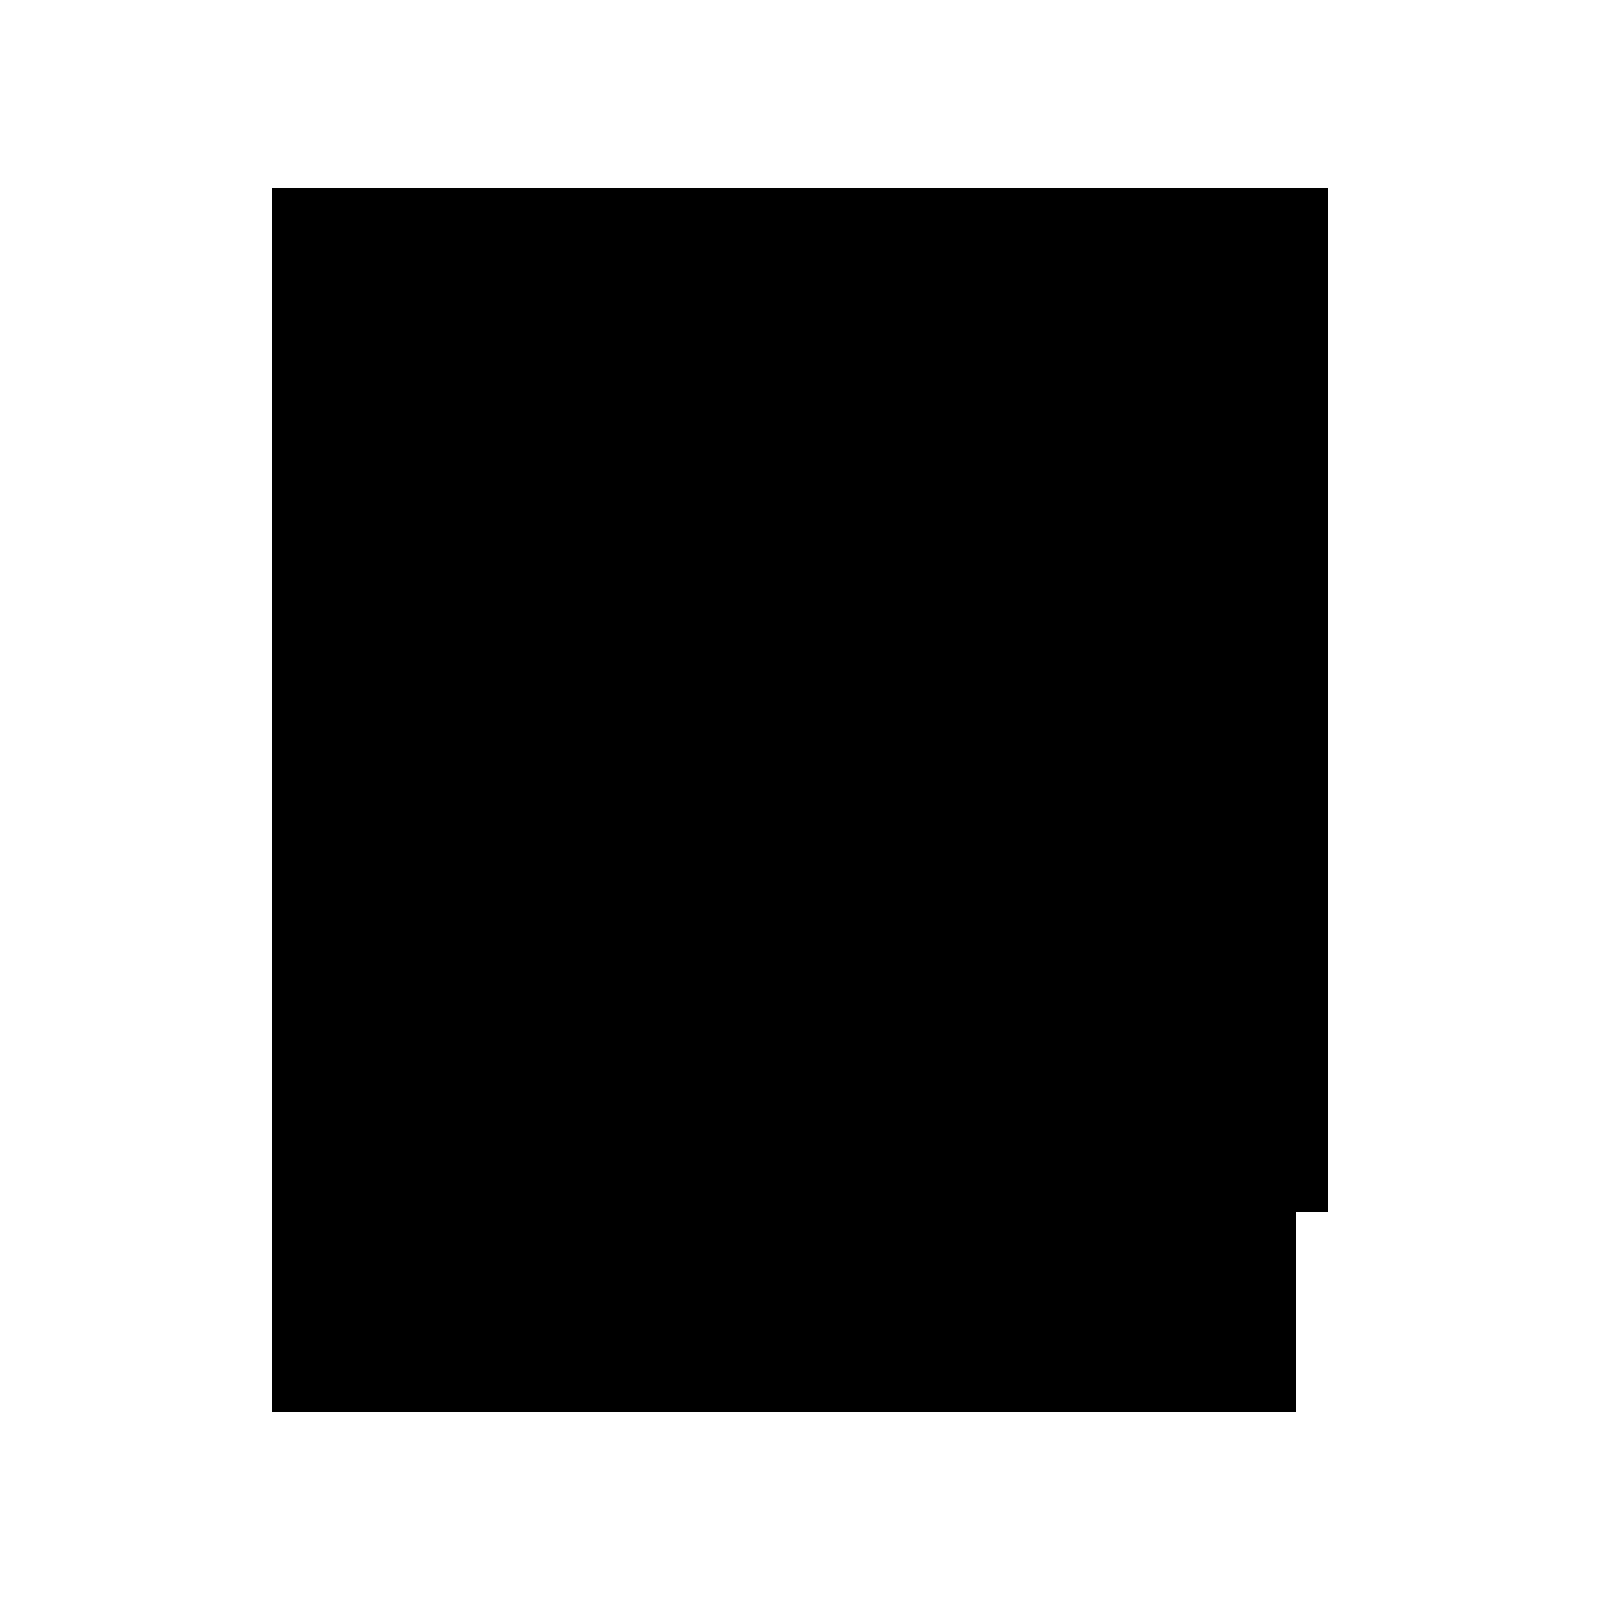 Gruppo monoforo bidet con canna antica